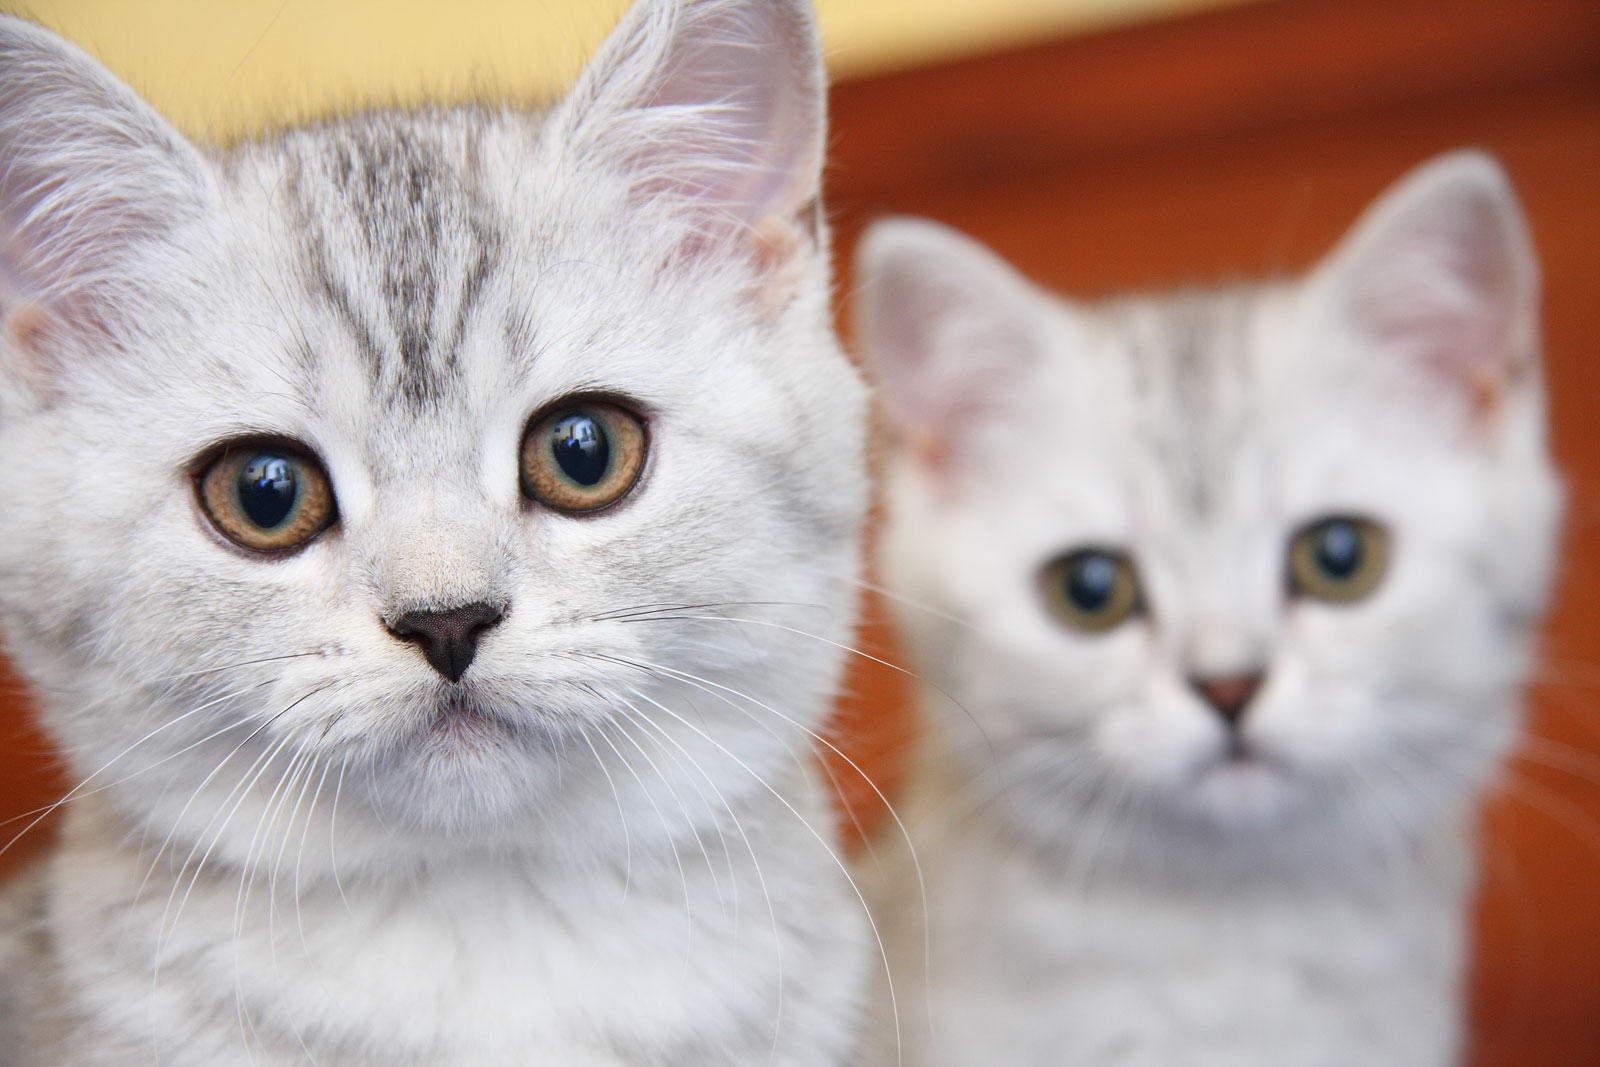 Оригинальные имена для кошек-девочек можно придумать на основе самой обычной клички Мурка